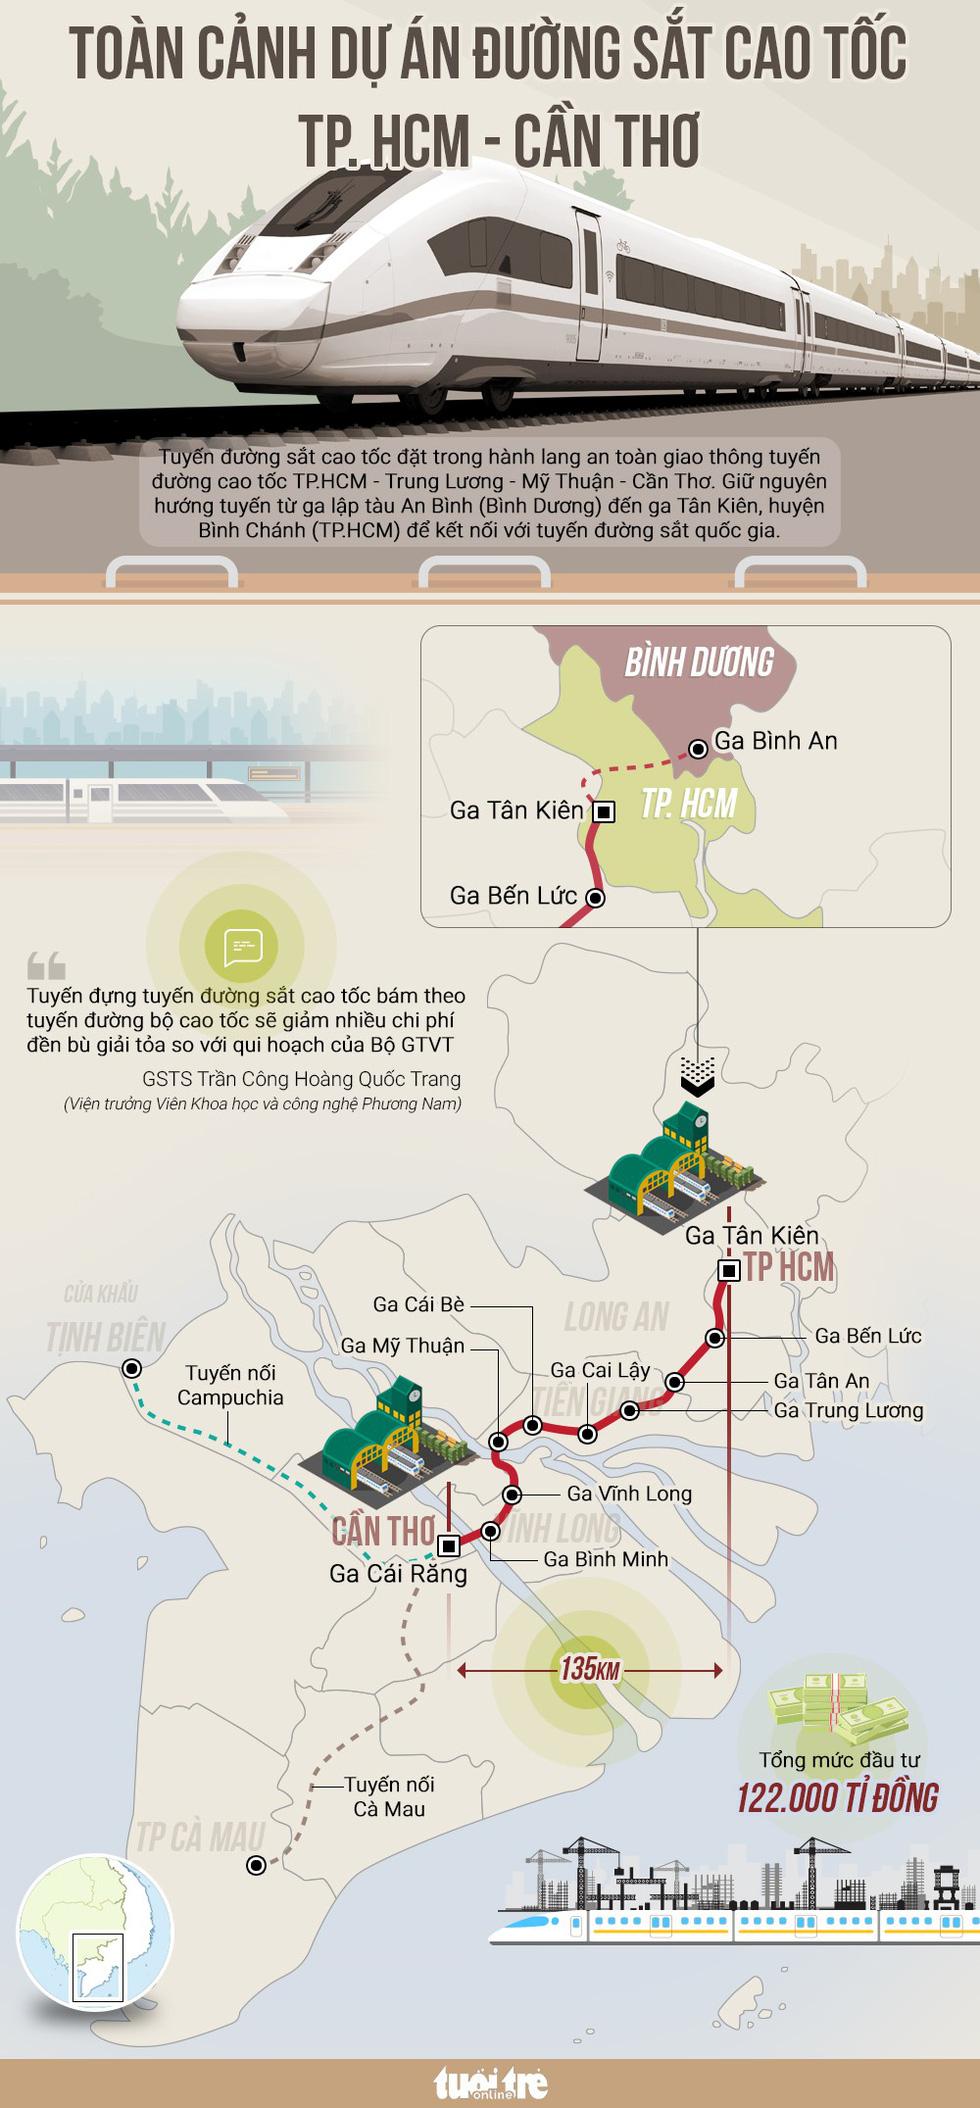 Toàn cảnh dự án đường sắt cao tốc TP.HCM - Cần Thơ - Ảnh 1.